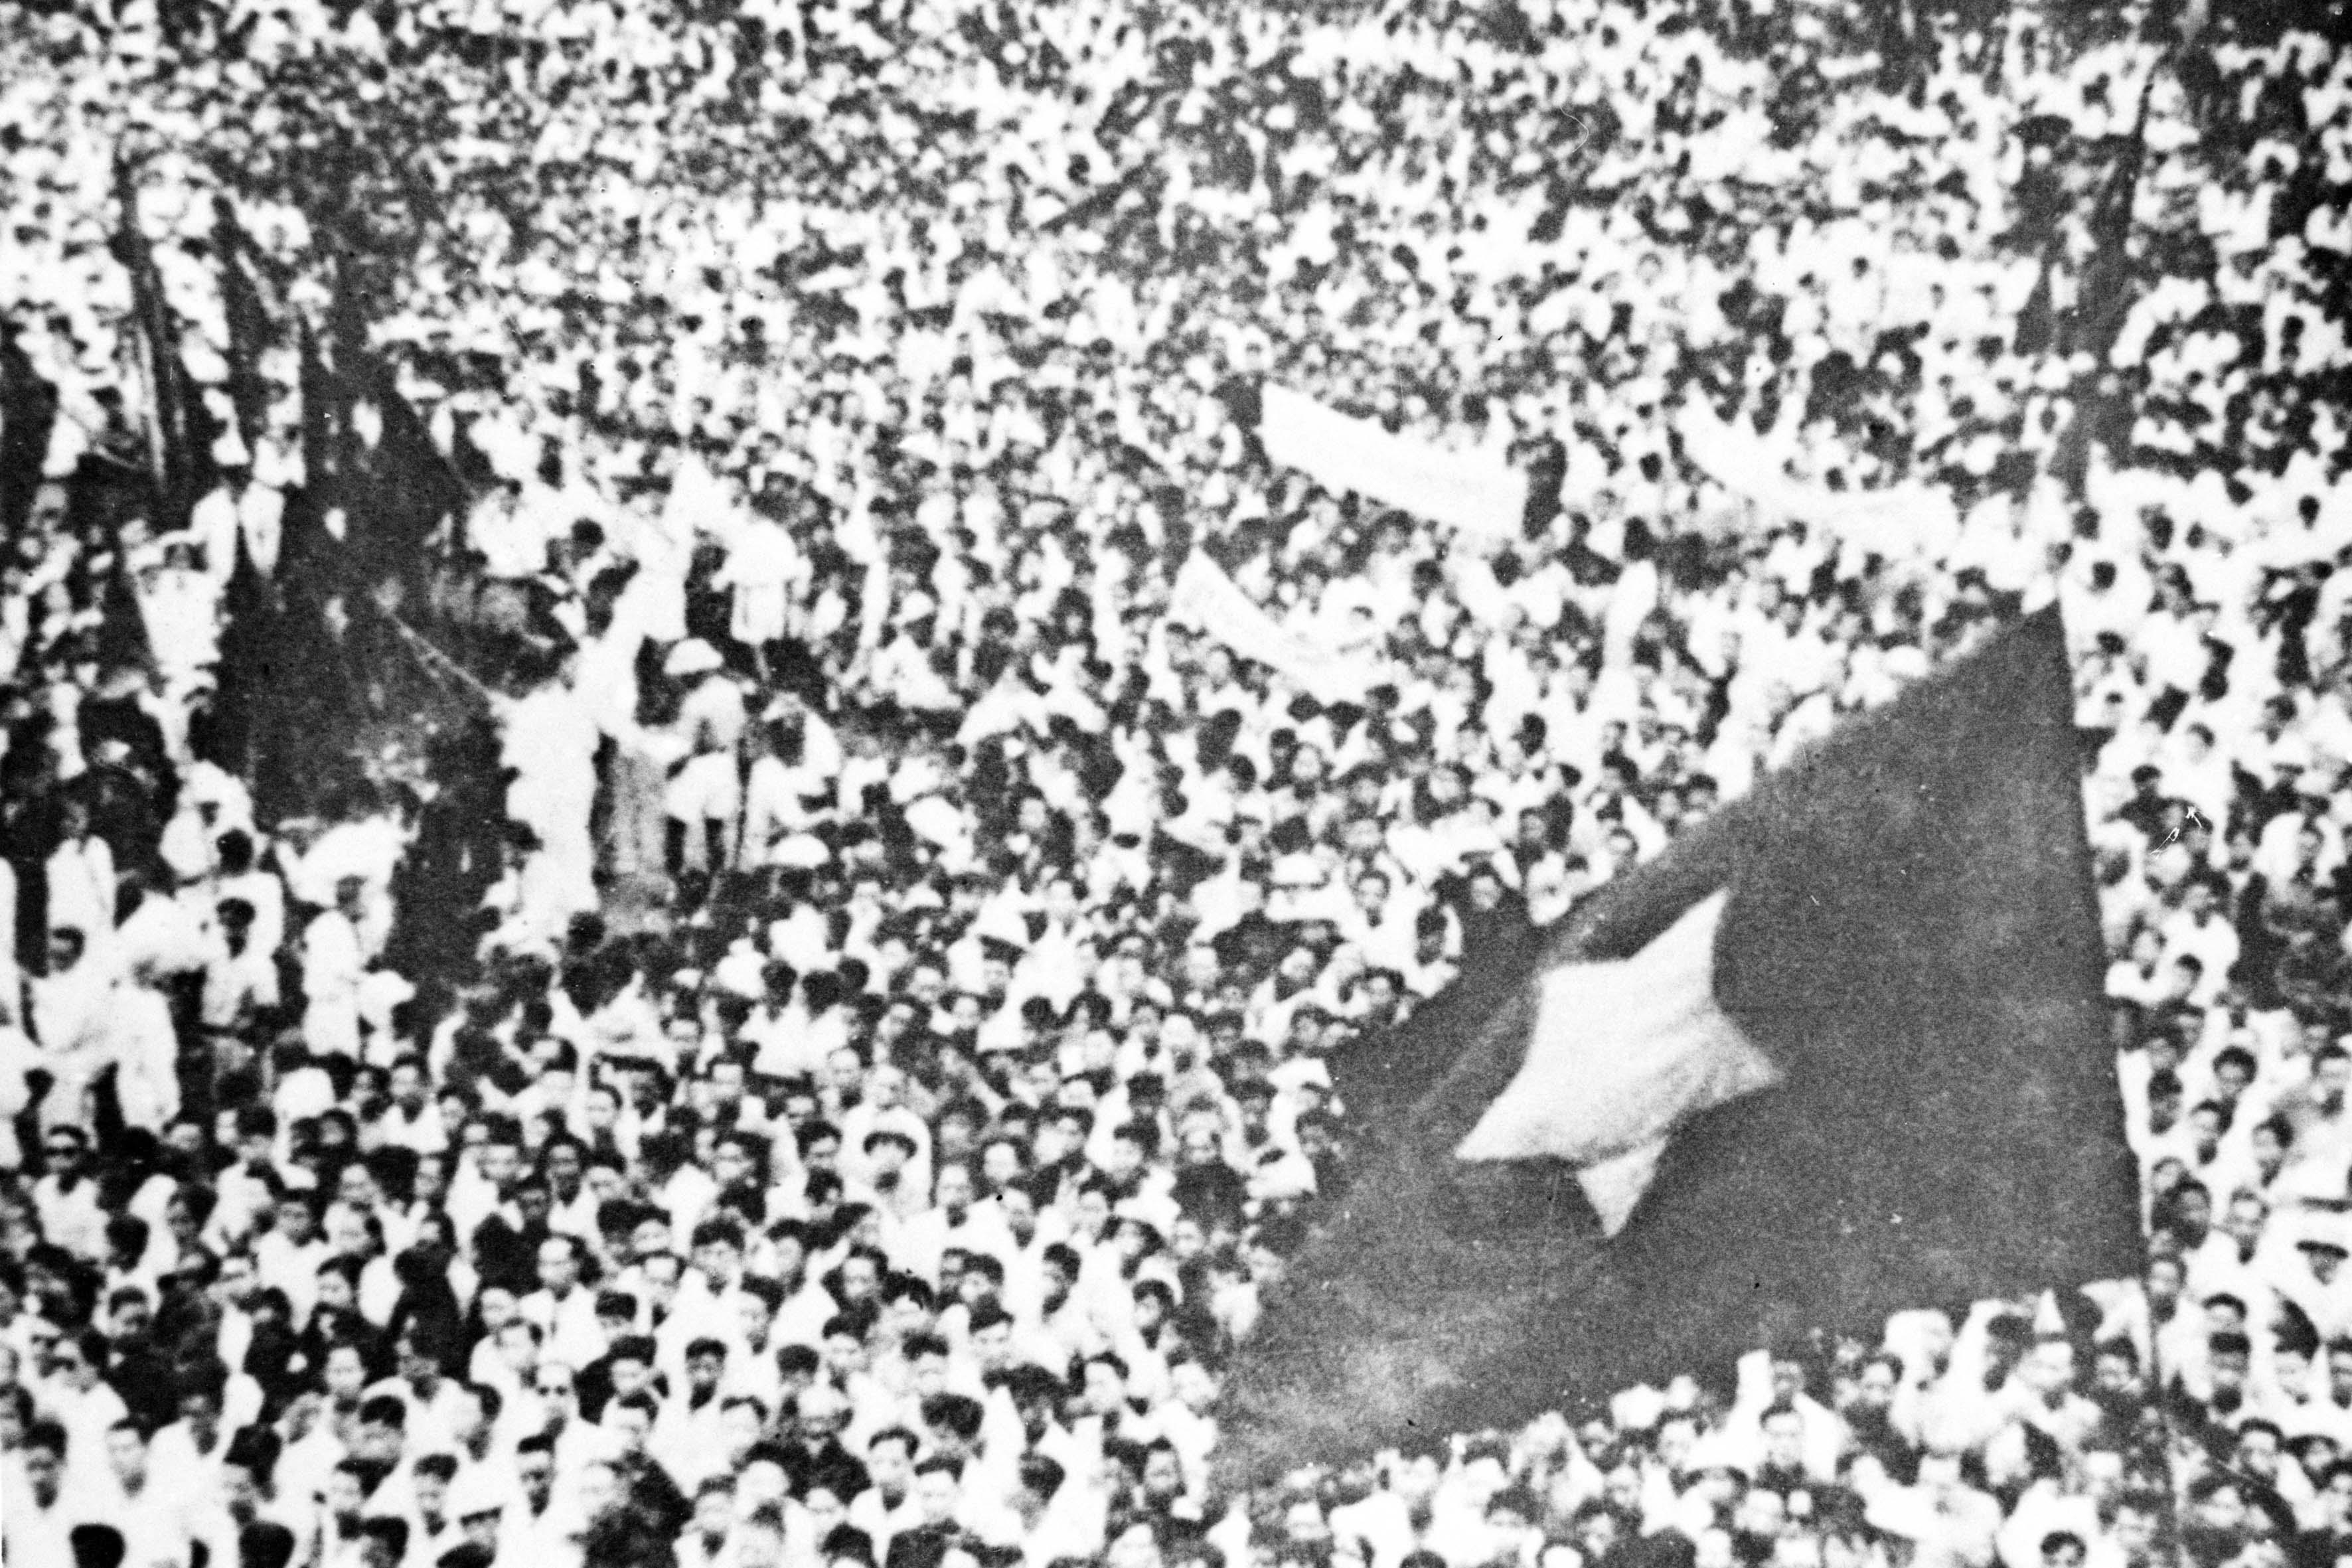 La lotta per la liberazione nazionale in Indocina (Vietnam) dal 1930 al 1945 - Presentazione